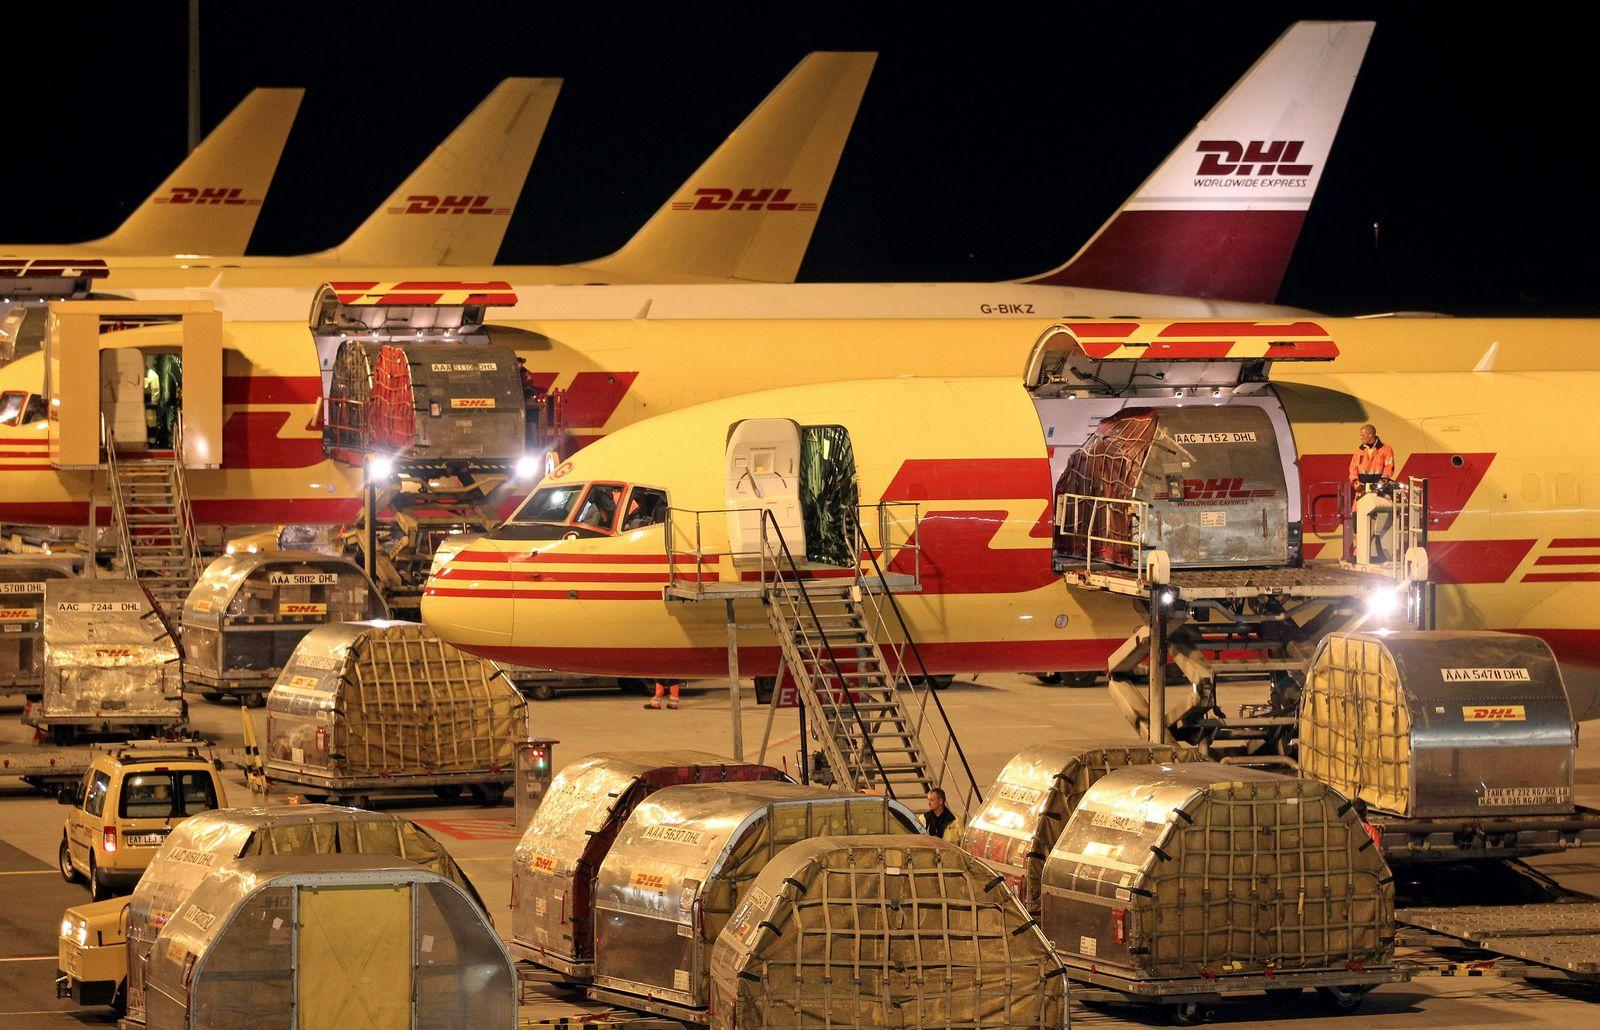 DHL-Frachtmaschinen / Paket-Bomben / Jemen